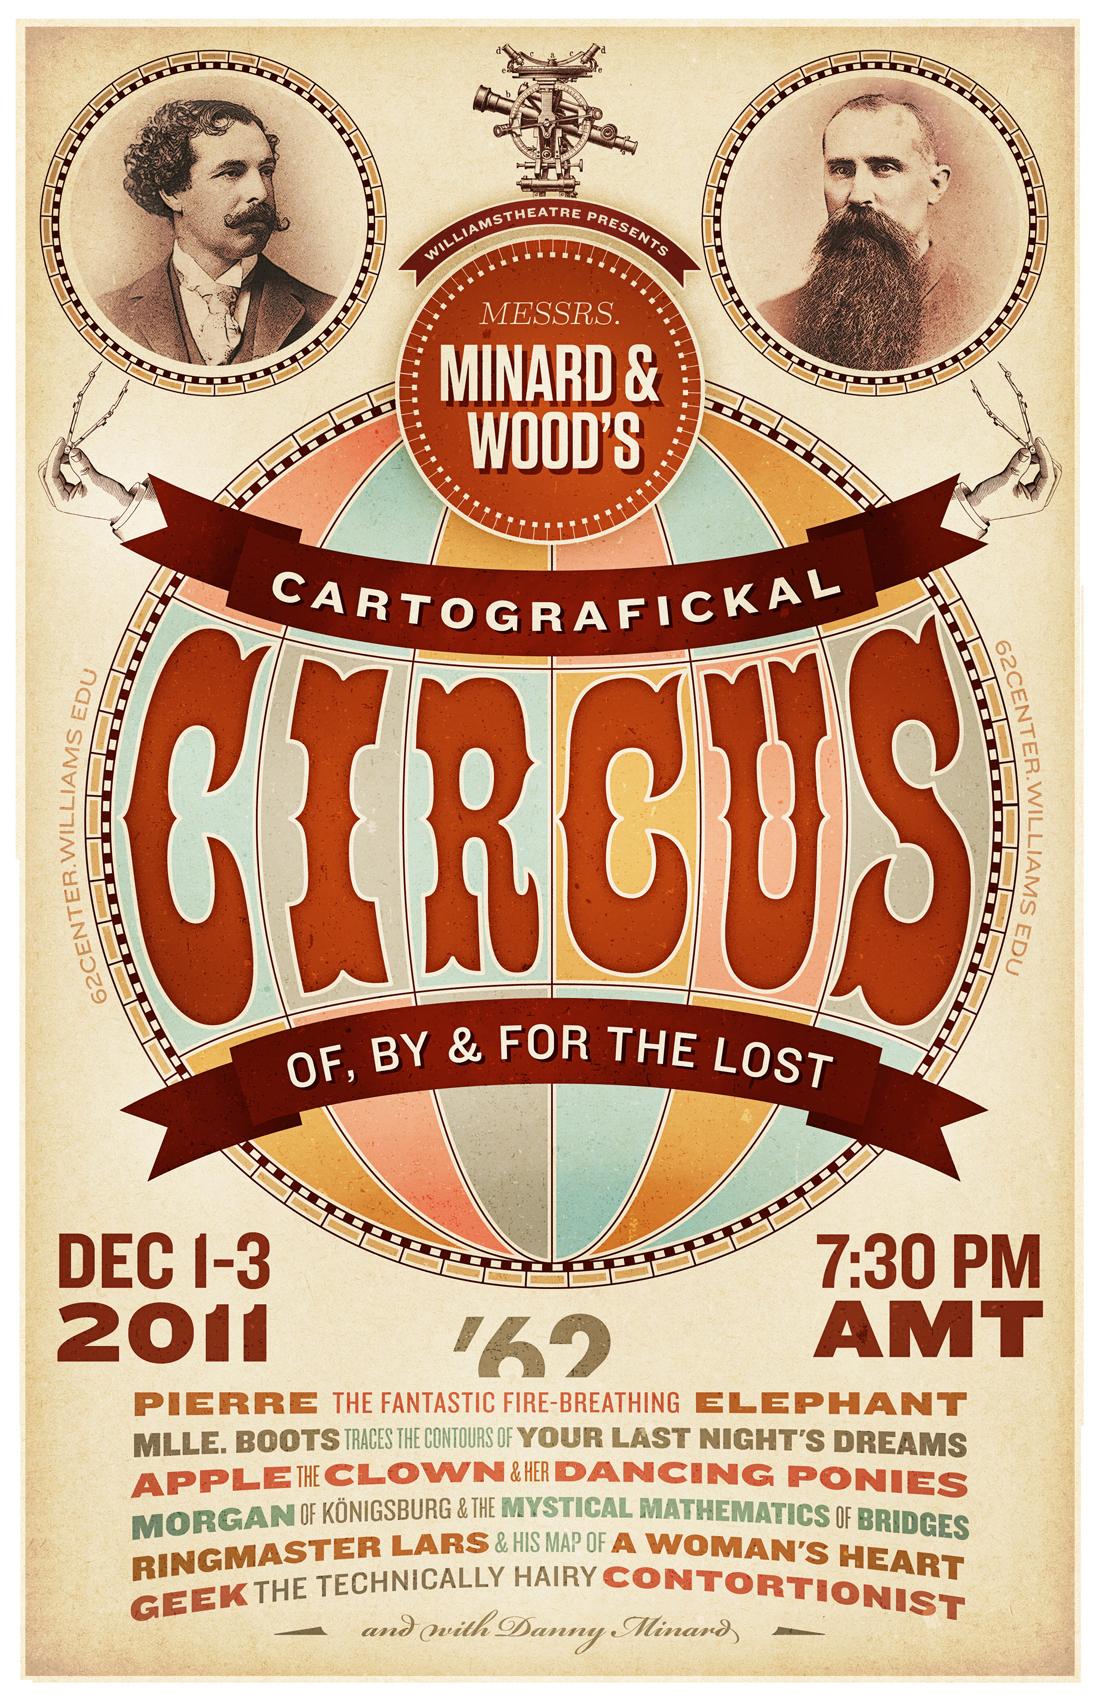 Messrs Minard Amp Wood S Cartografickal Circus Poster